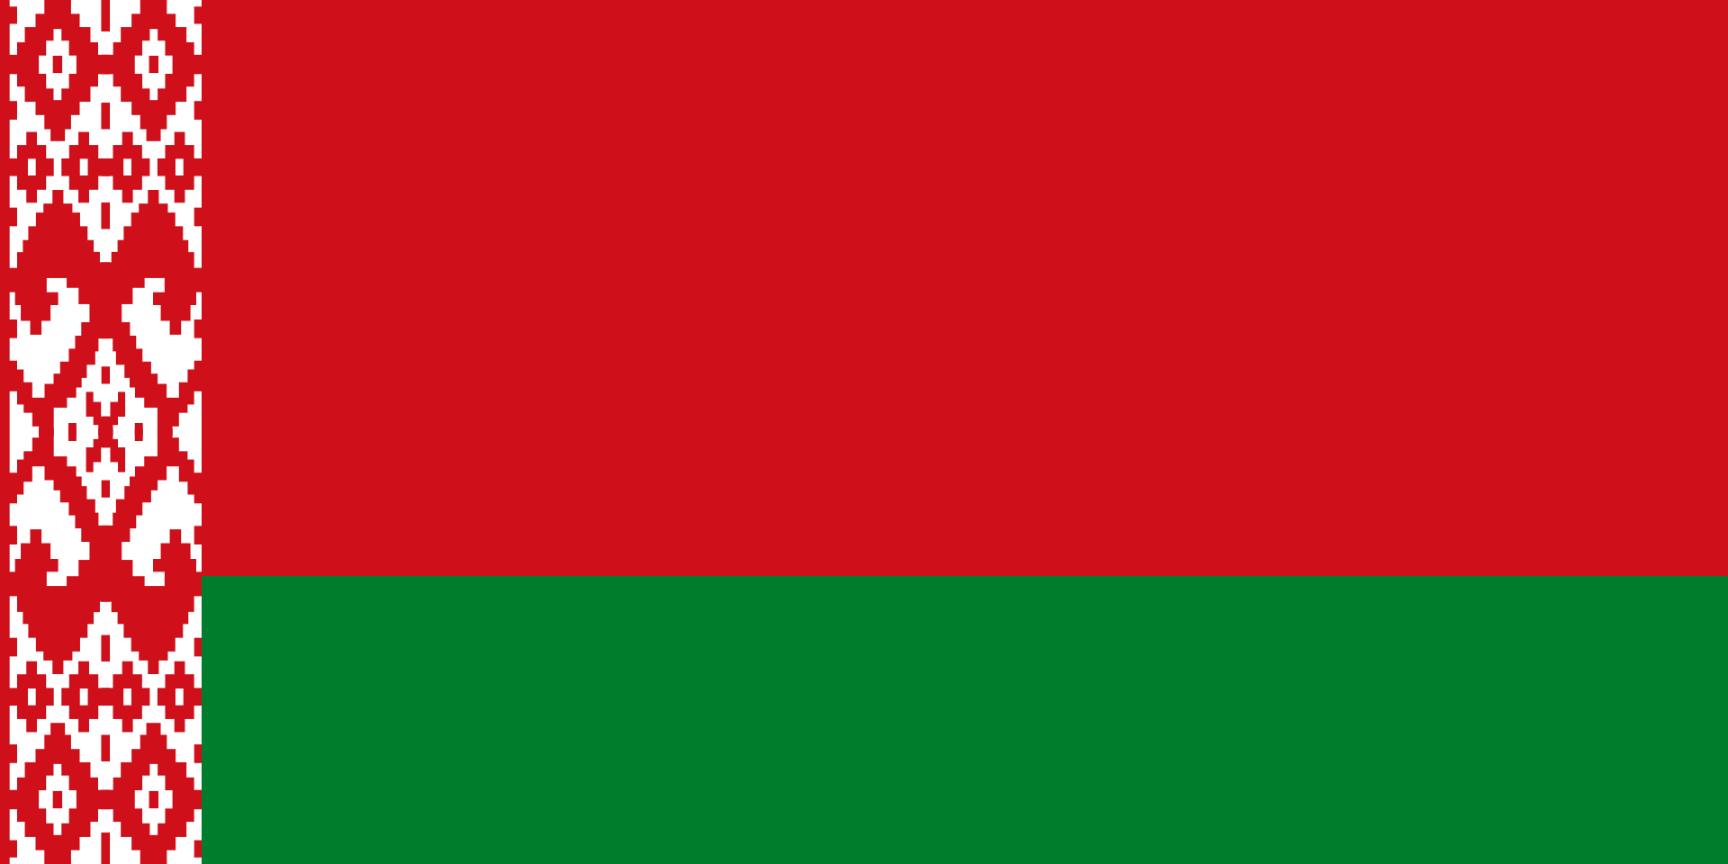 Flagge im Querformat Land Weißrussland 150x100 cm